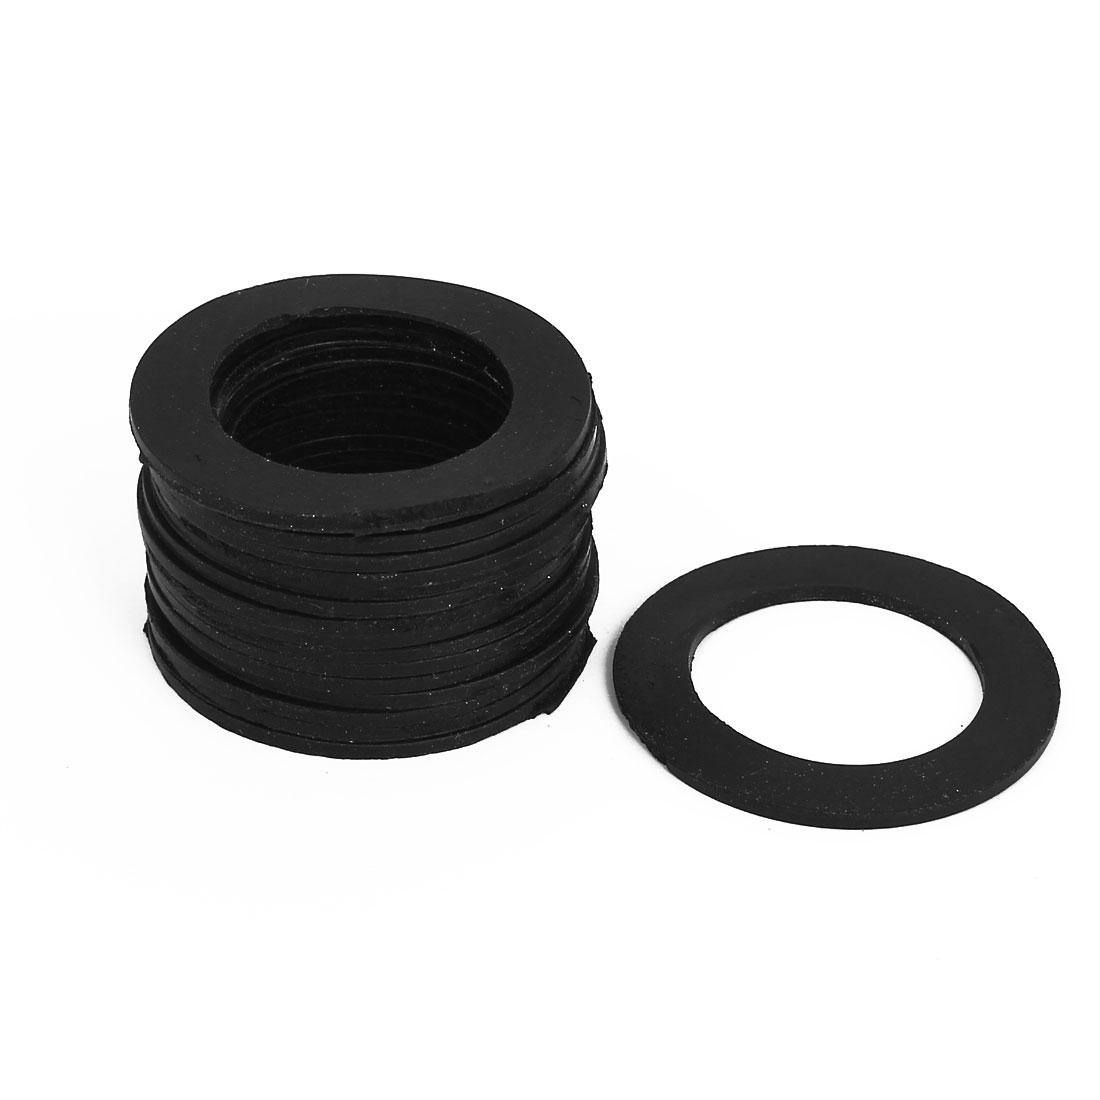 Rubber Gasket Sealing Seal O Ring 49x33x8mm 15Pcs Black for Water Meter